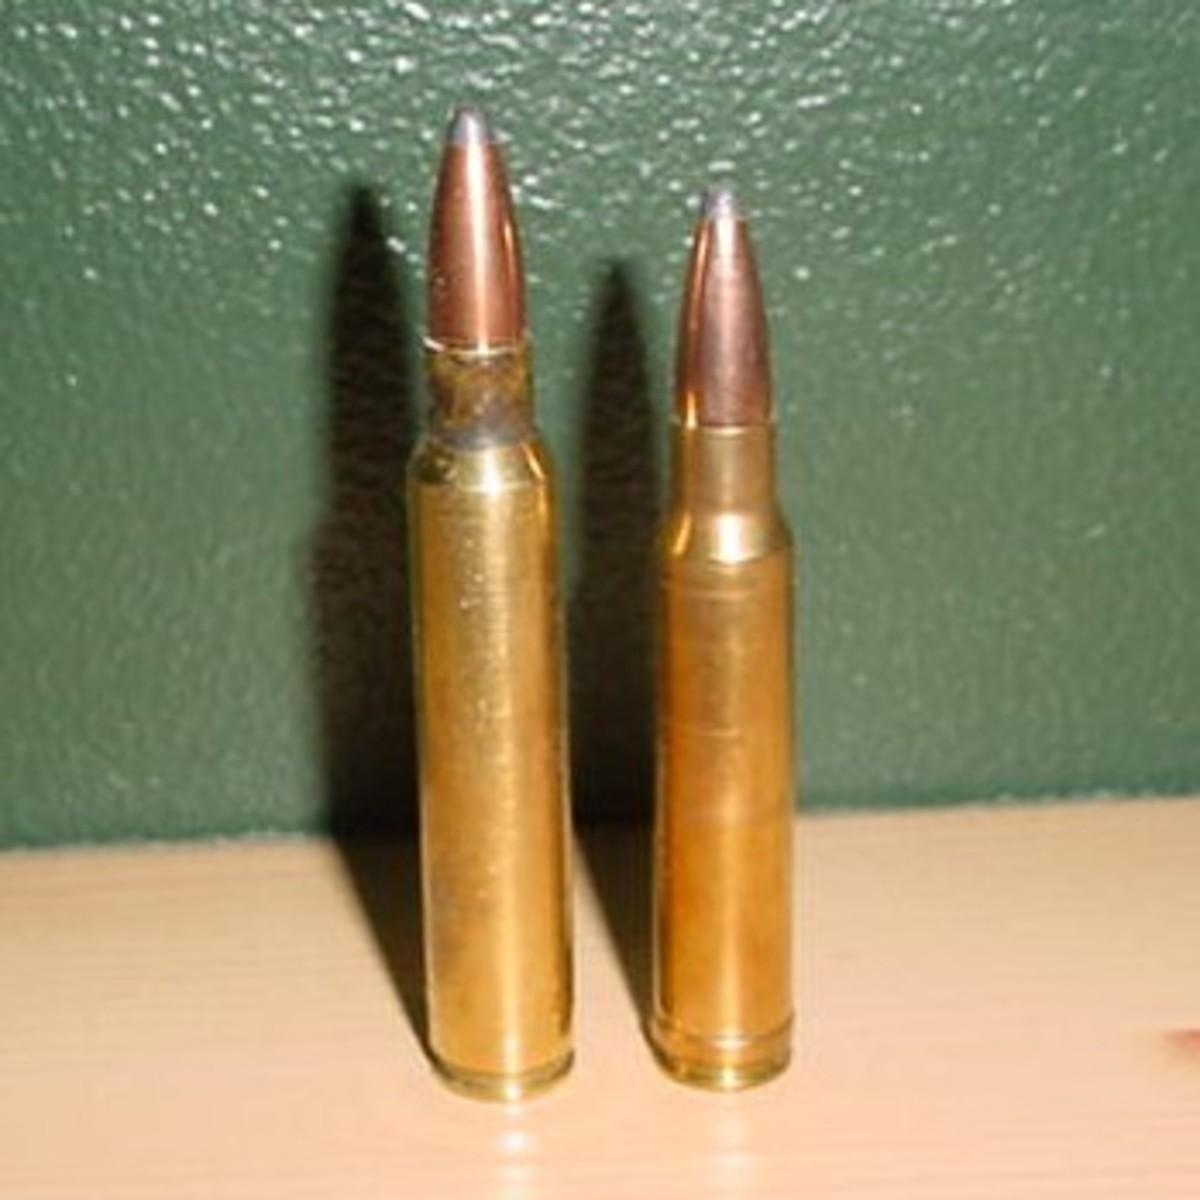 .338 Lapua Magnum vs .338 Win Mag